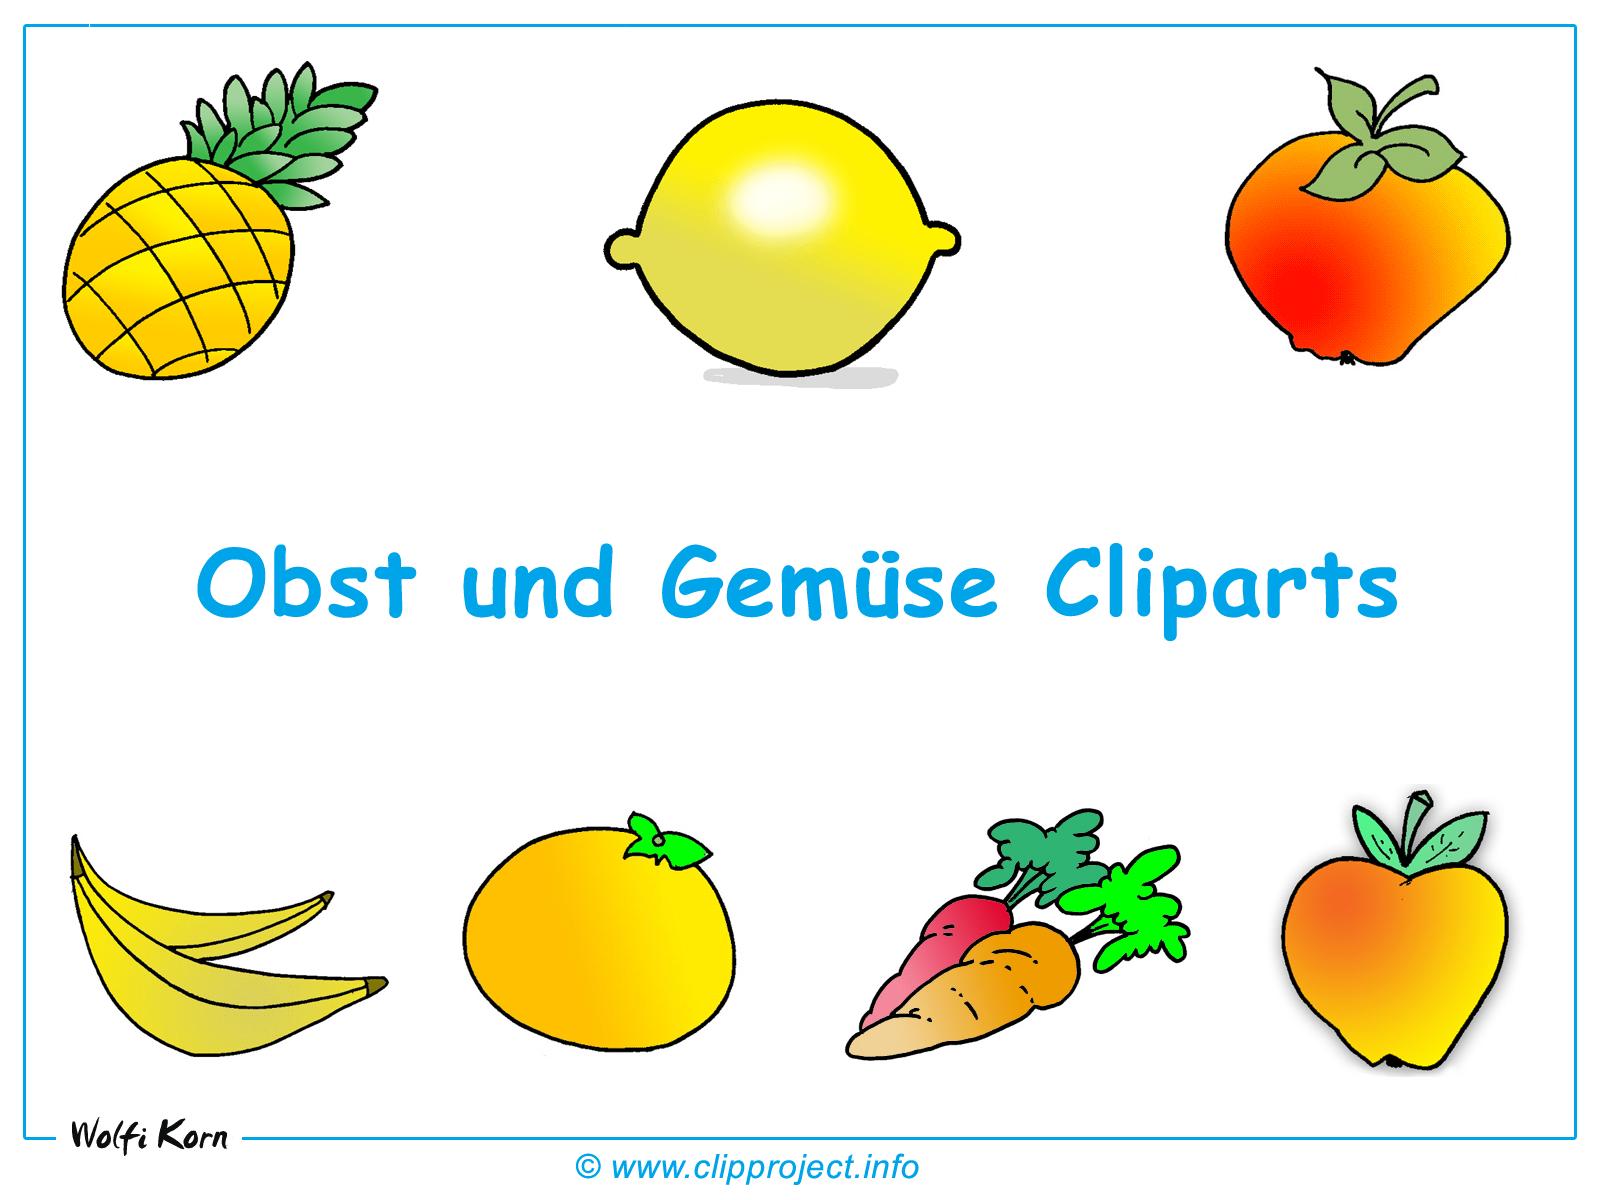 Obst und gemse clipart clipart royalty free download Obst und Gemüse Bilder - Hintergrundbilder kostenlos clipart royalty free download